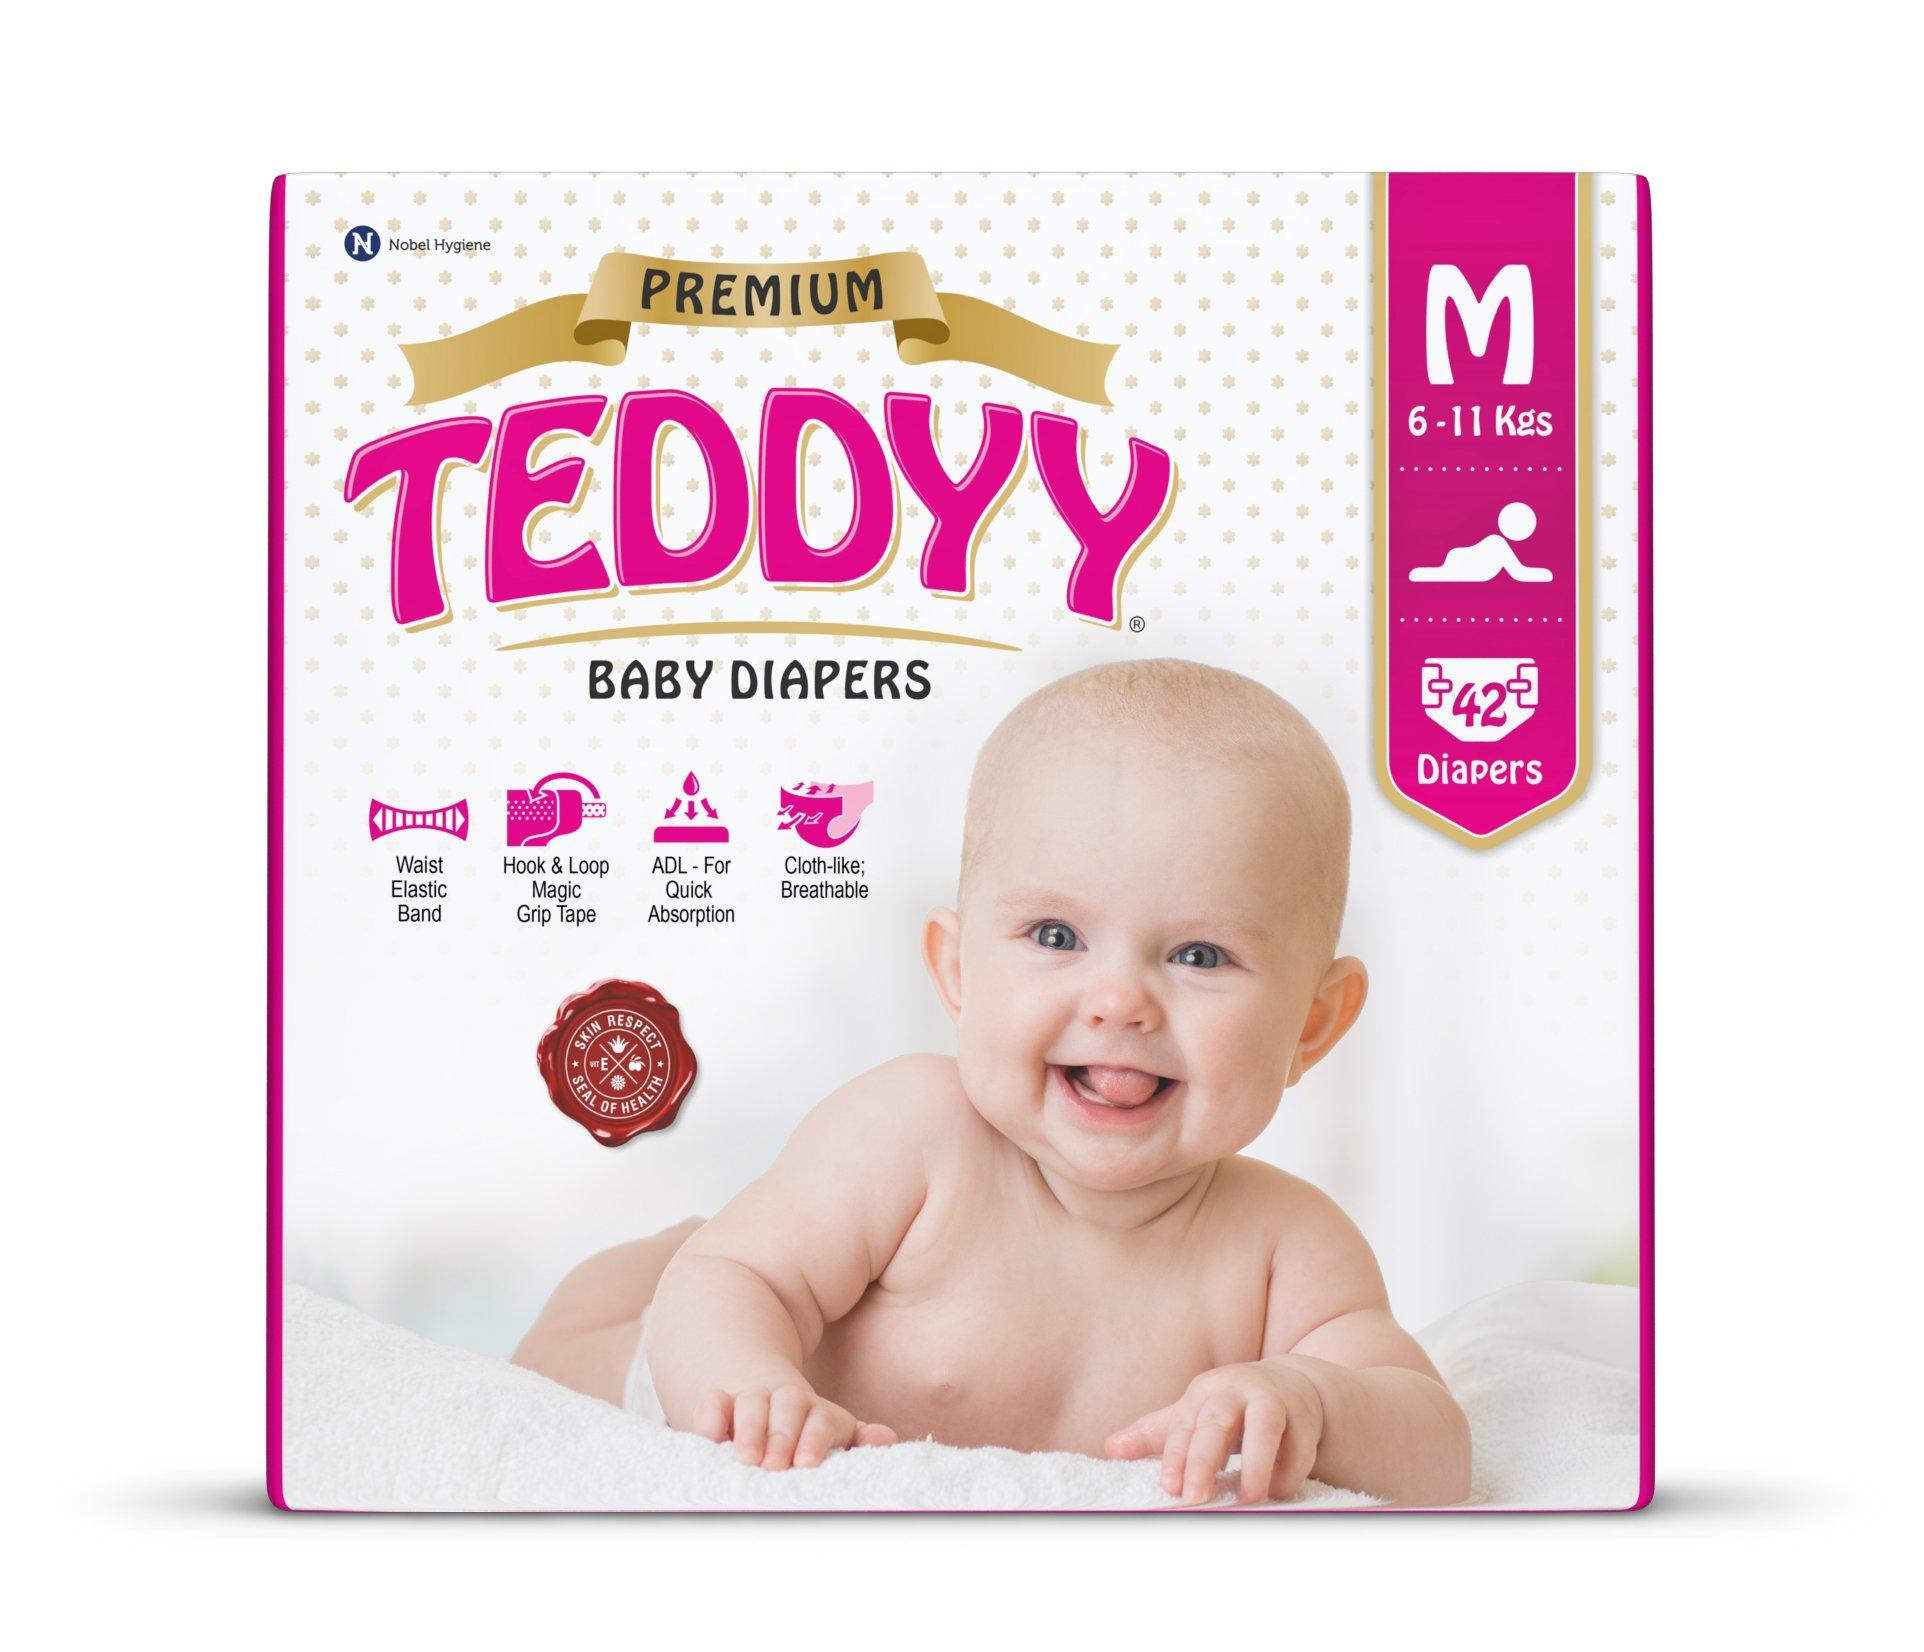 Teddyy Premium Baby Diaper Size 2 Medium 42 Count (12 to 18 lbs)